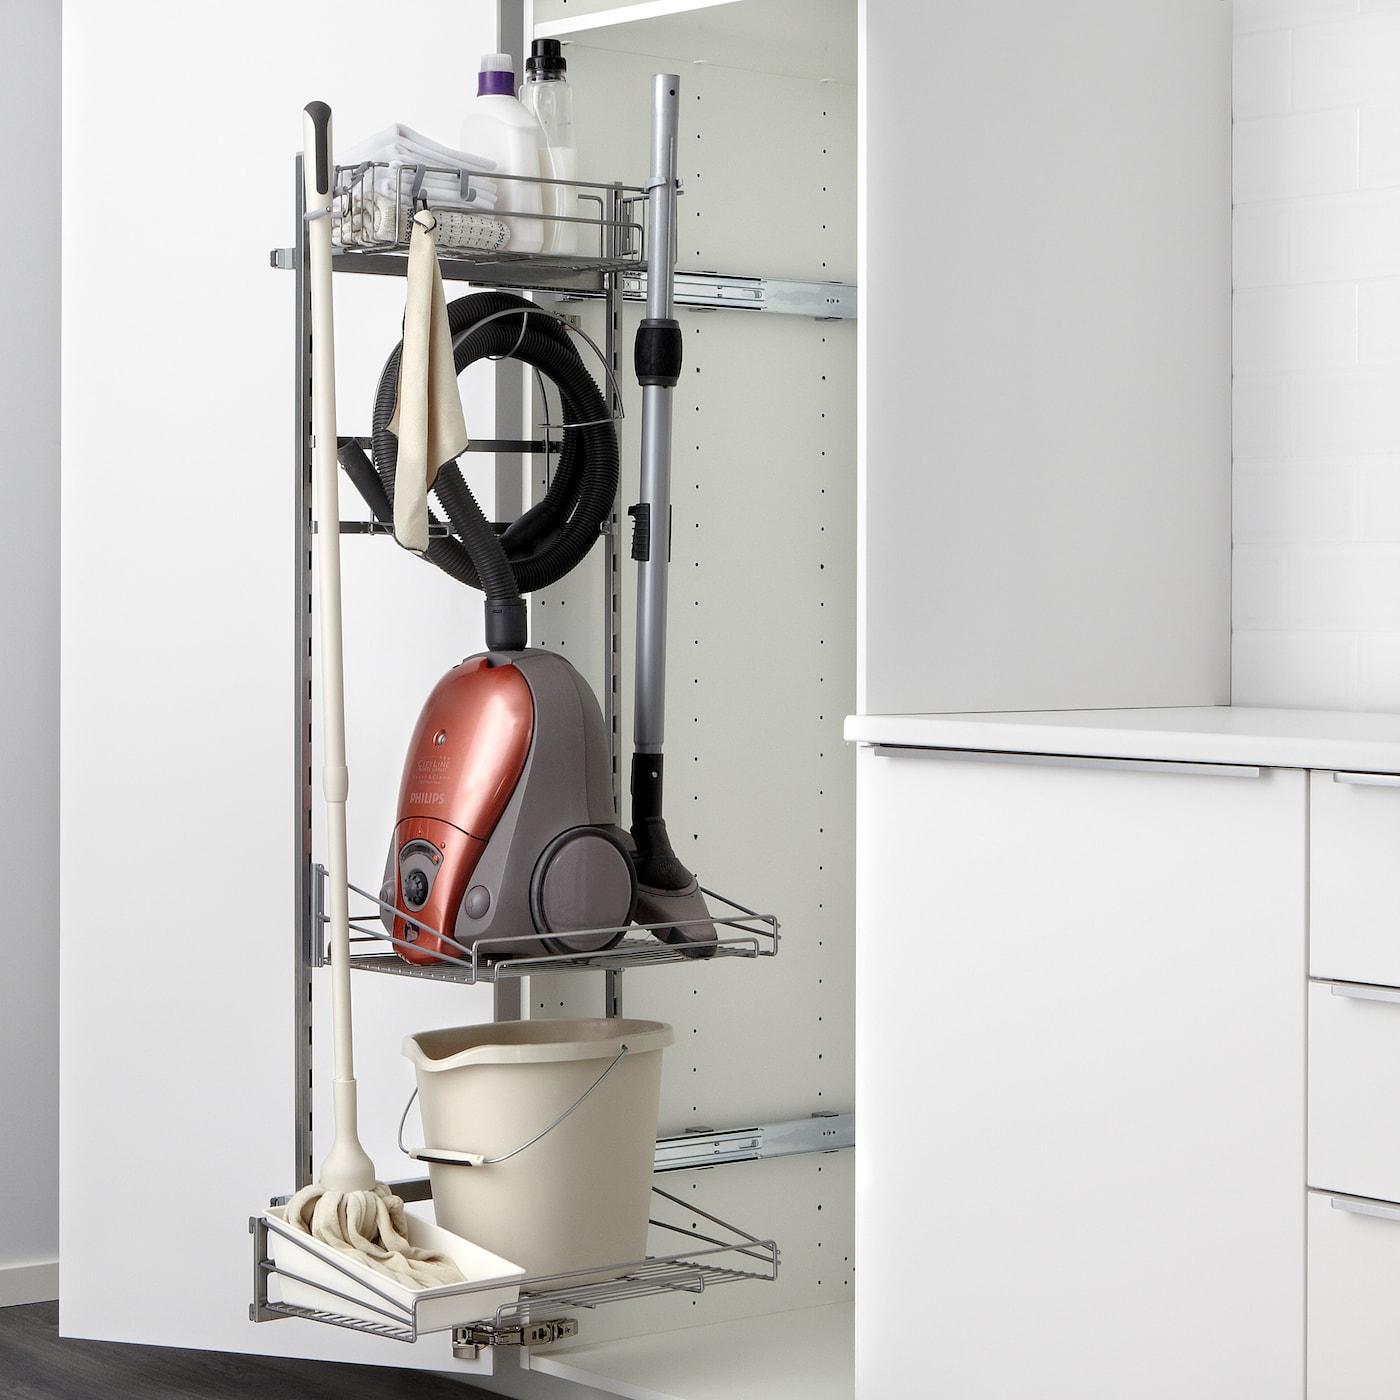 Utrusta Inrichting Schoonmaakkast Ikea